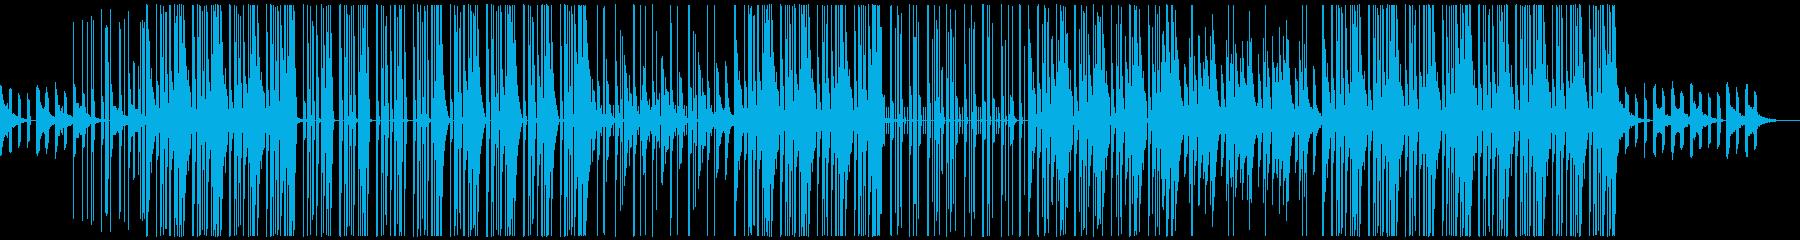 ポップテイストのトラップビートの再生済みの波形